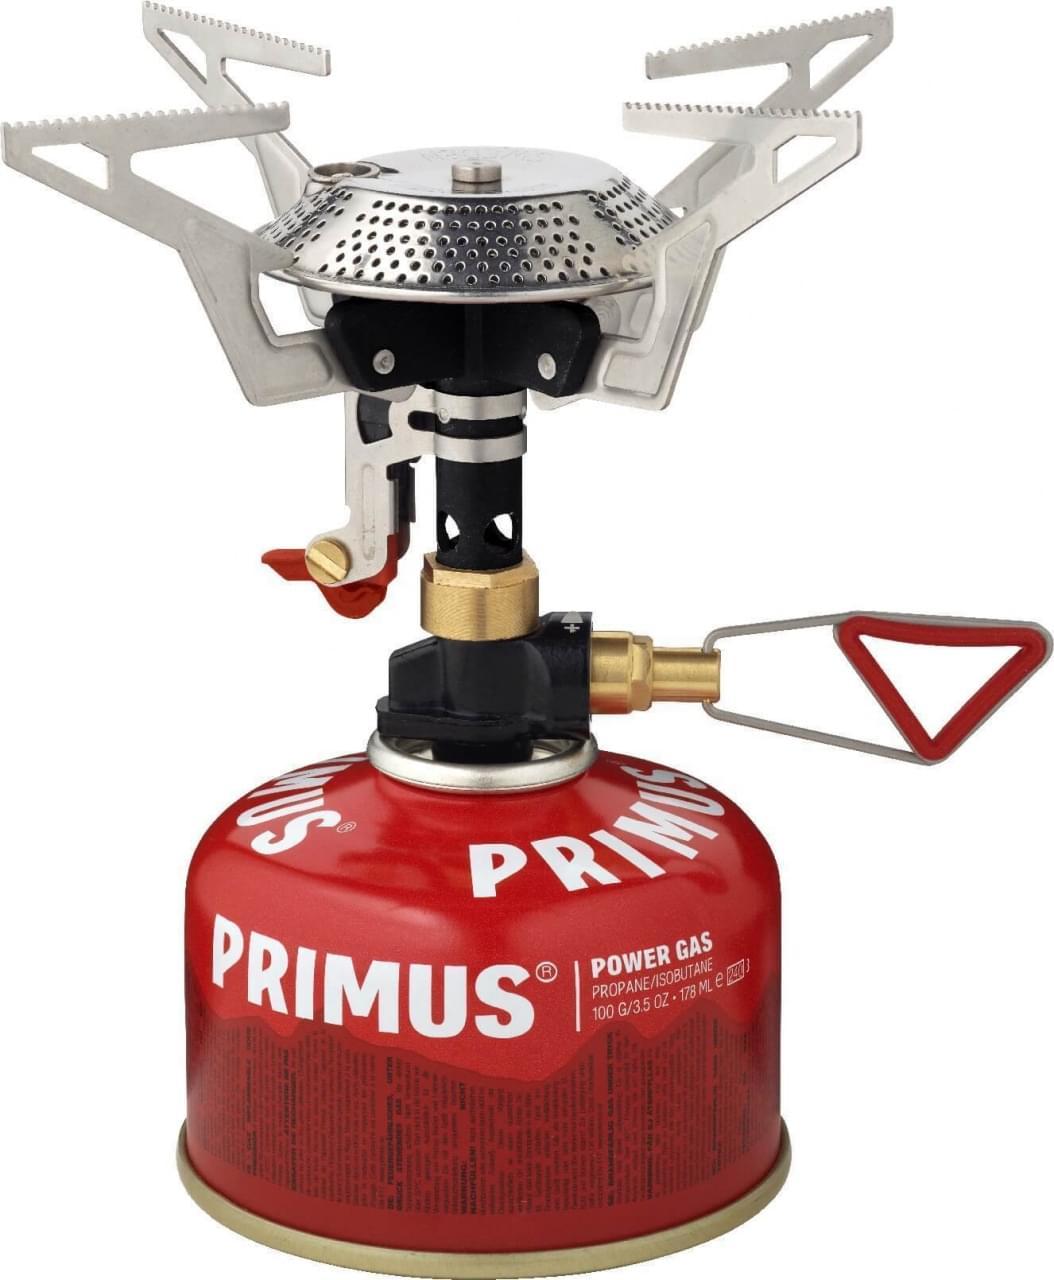 Primus PowerTrail Stove Piezo